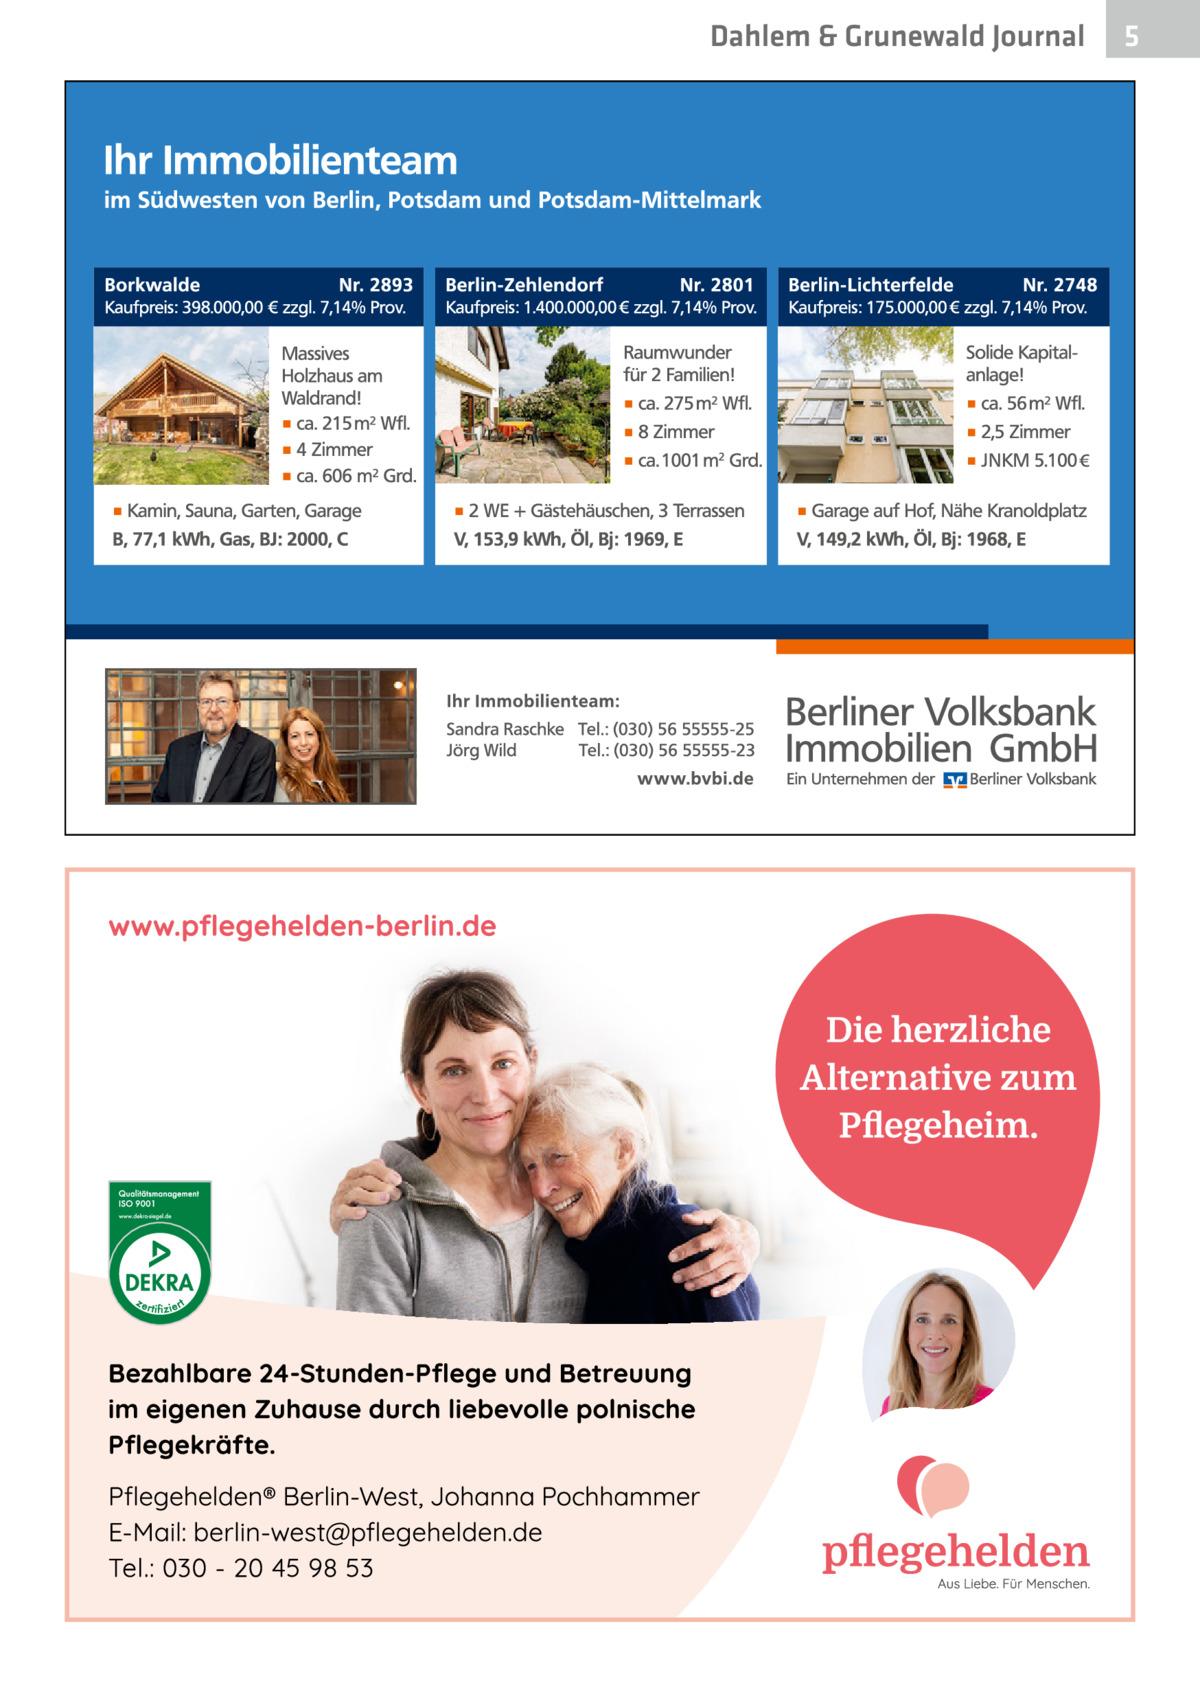 Dahlem & Grunewald Journal  5